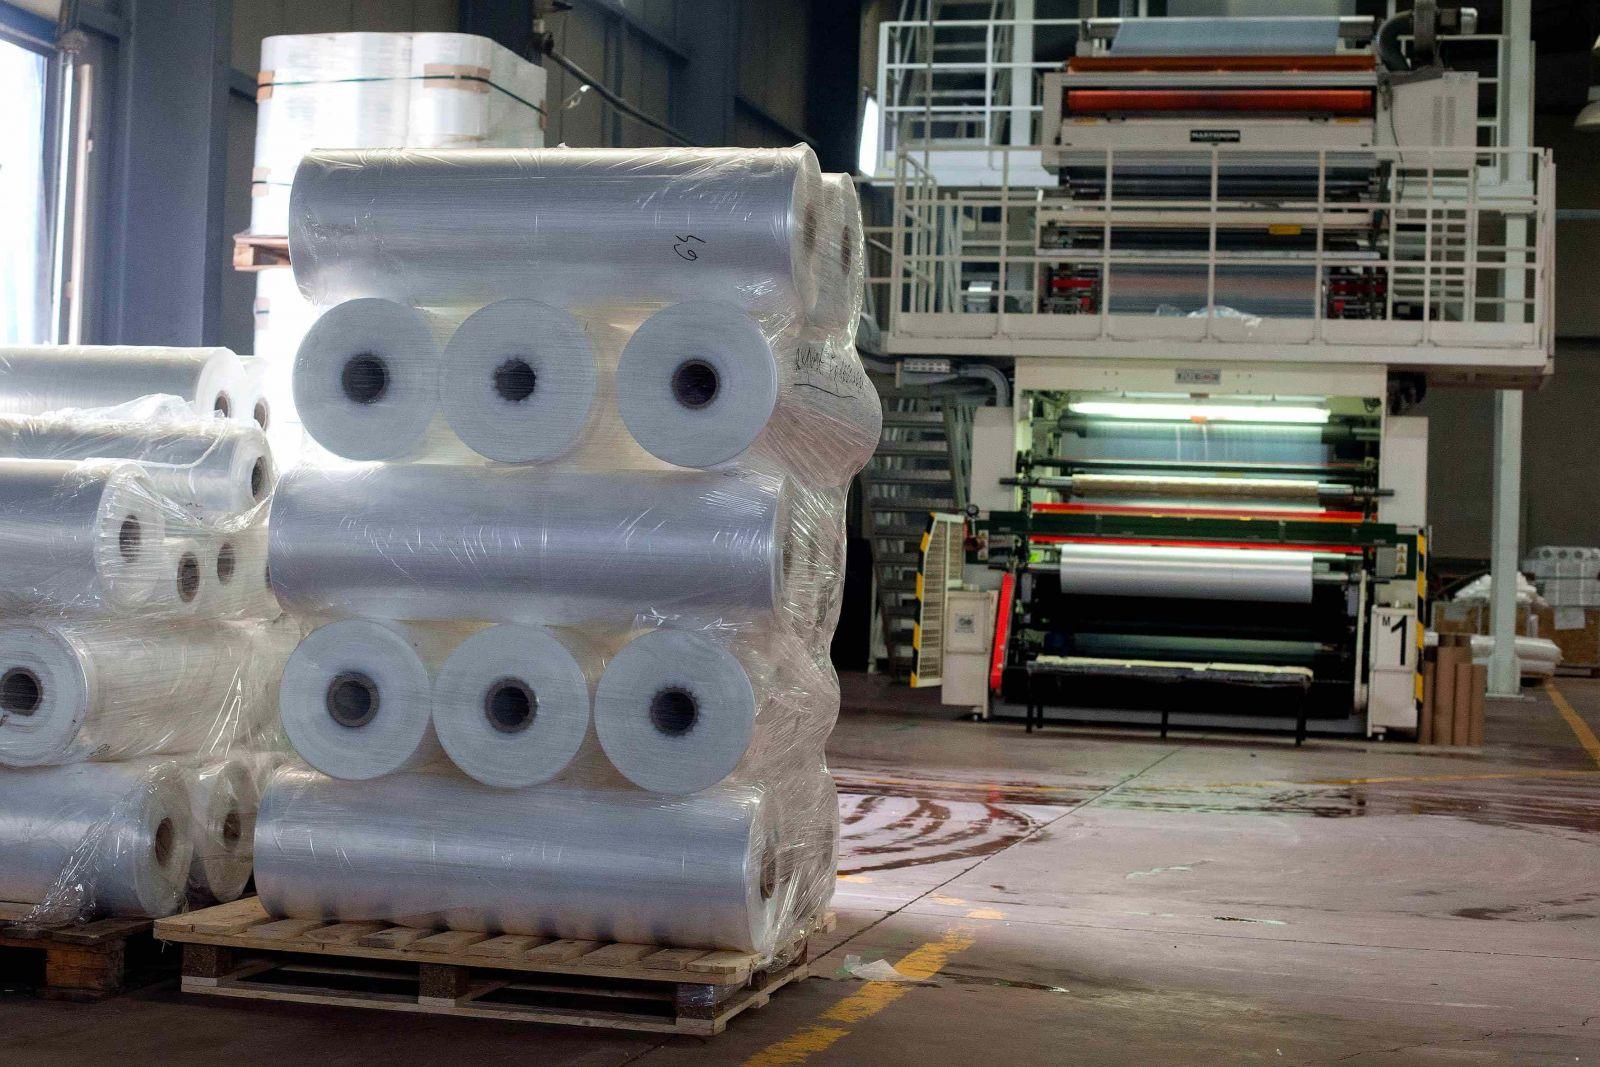 sản xuất cuộn nilon cỡ lớn đòi hỏi máy móc có kích cỡ tương ứng